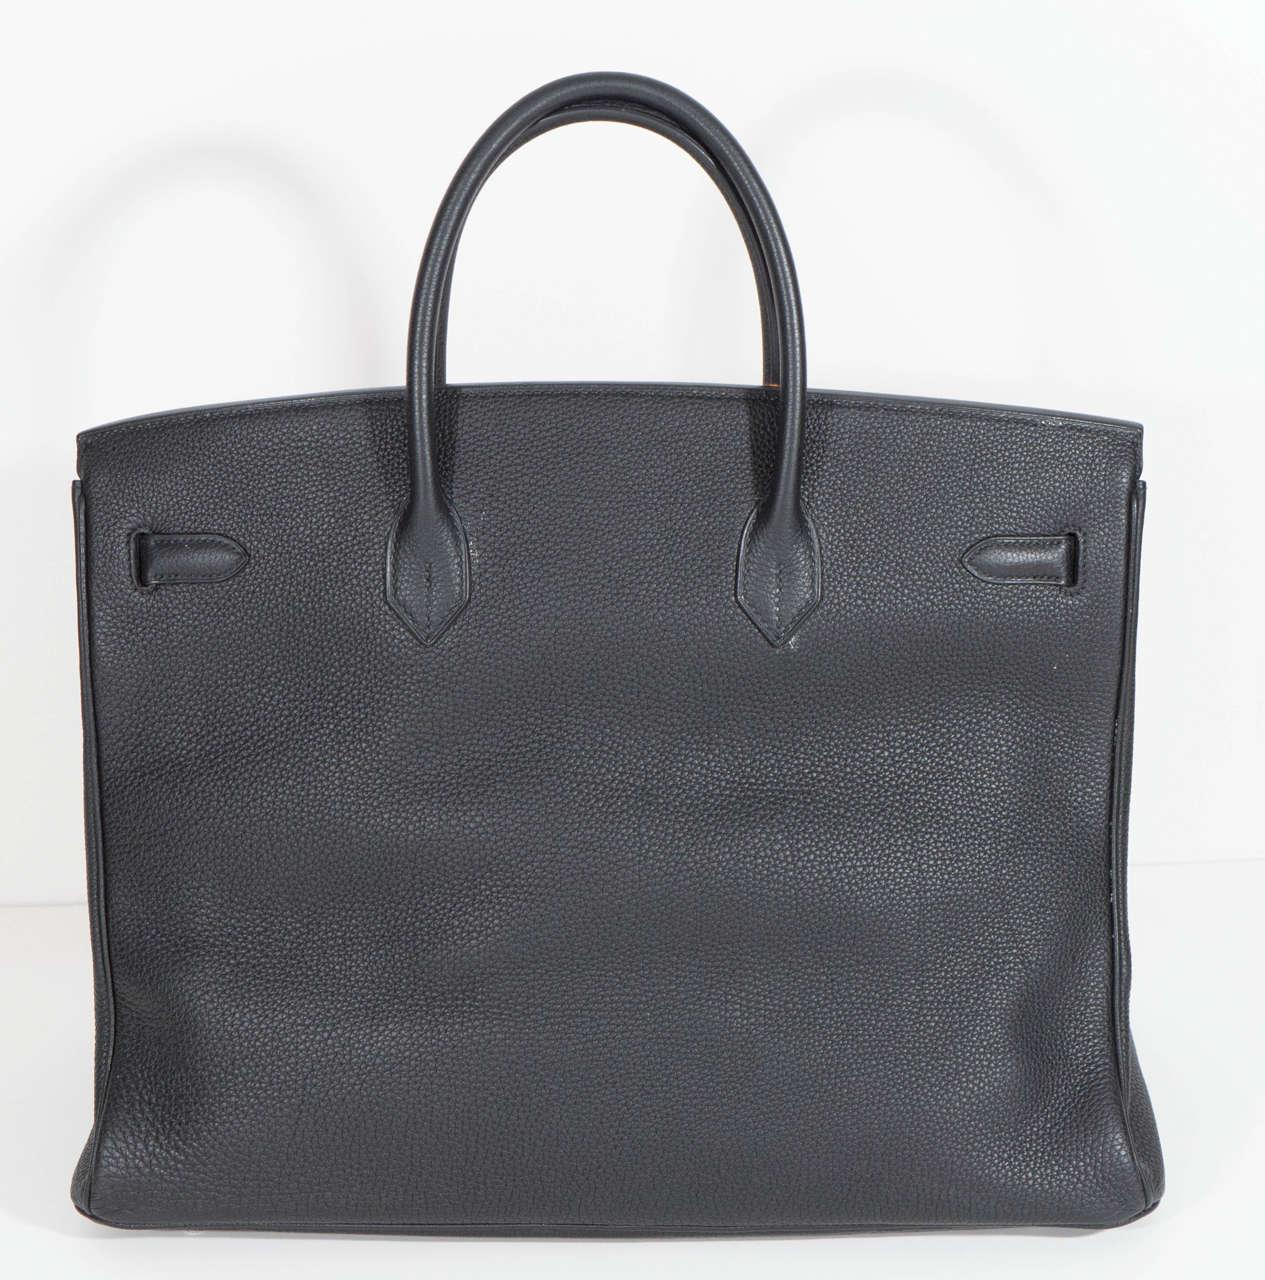 Hermès Paris Birkin Bag 40 in Togo Leather with Palladium Hardware, 2008 8